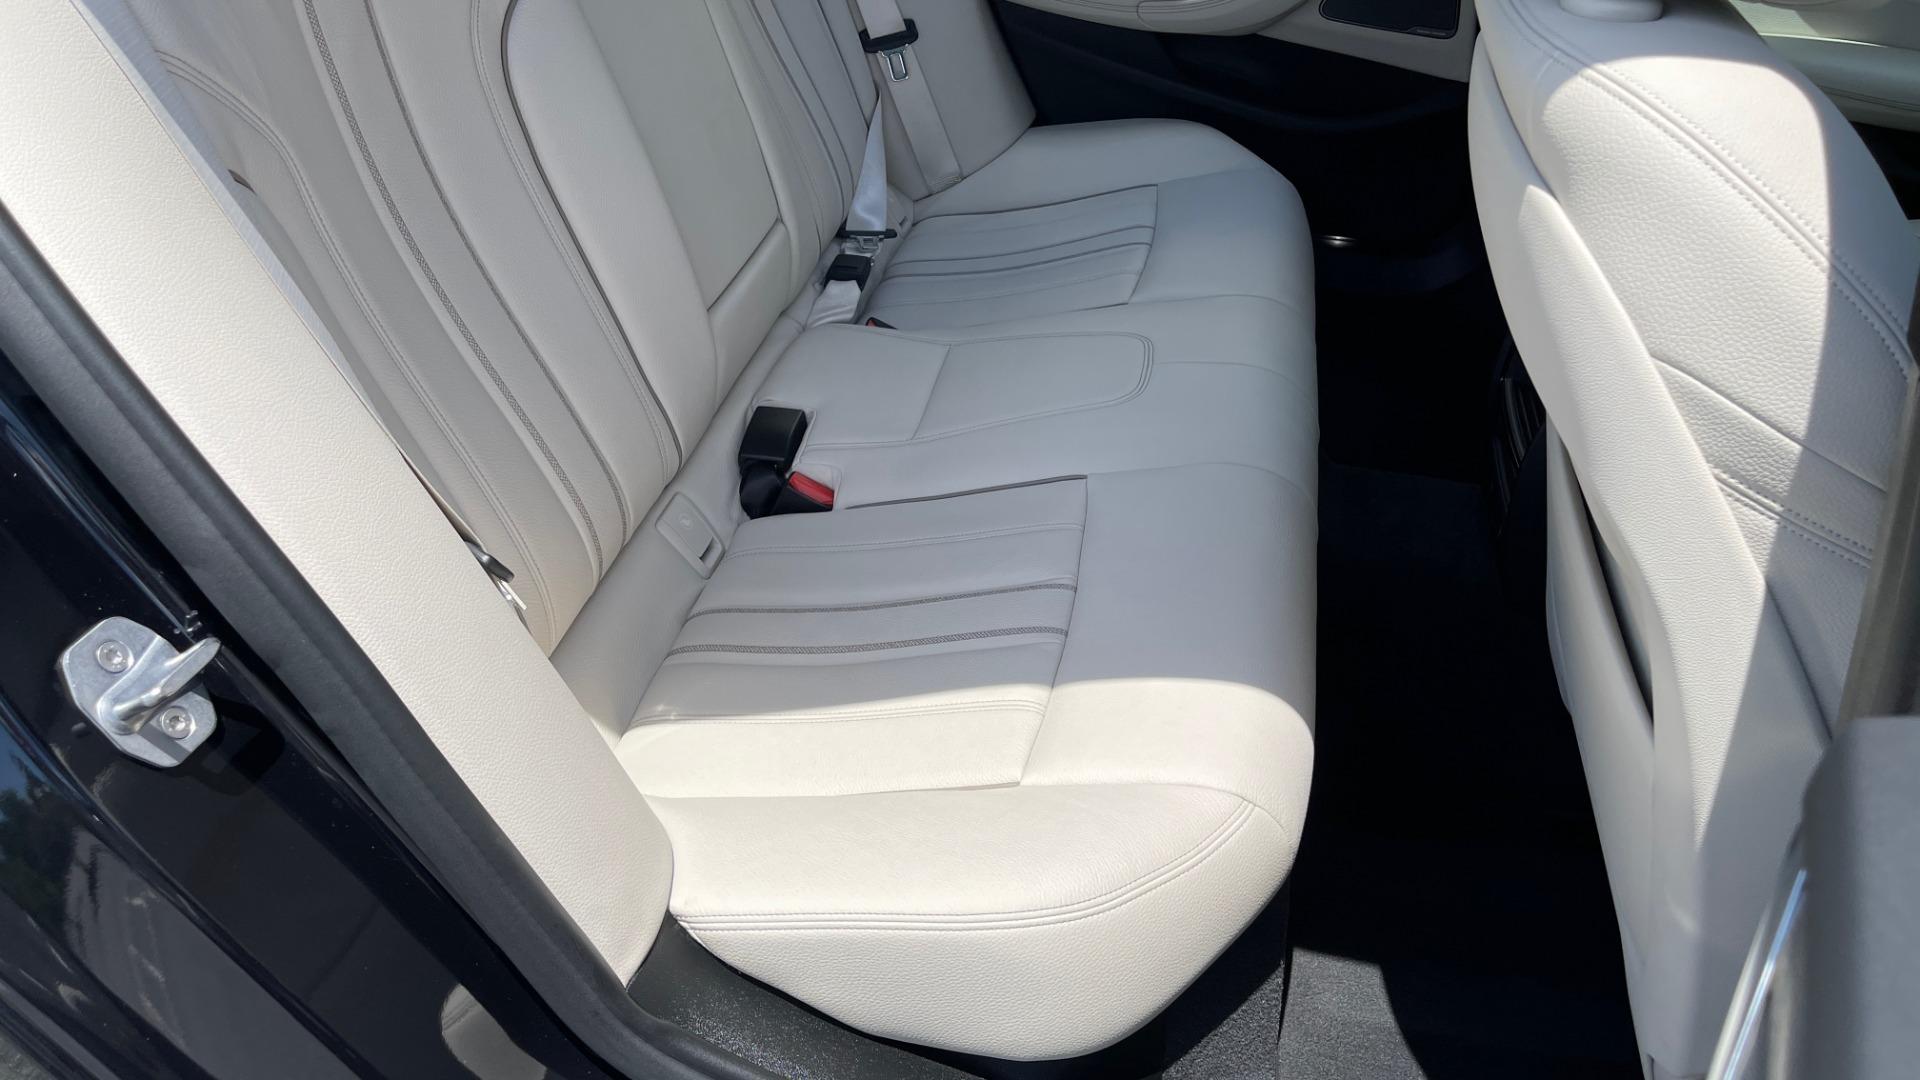 Used 2018 BMW 5 SERIES 540I M-SPORT / EXECUTIVE PKG / DRVR ASST PKG / BLIND SPOT / LANE DEPART for sale $40,995 at Formula Imports in Charlotte NC 28227 68